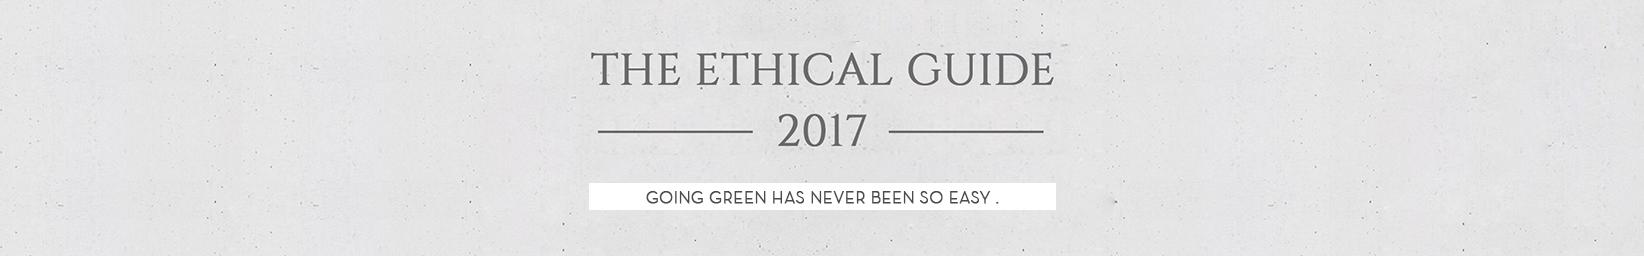 ethical guide banner.jpg